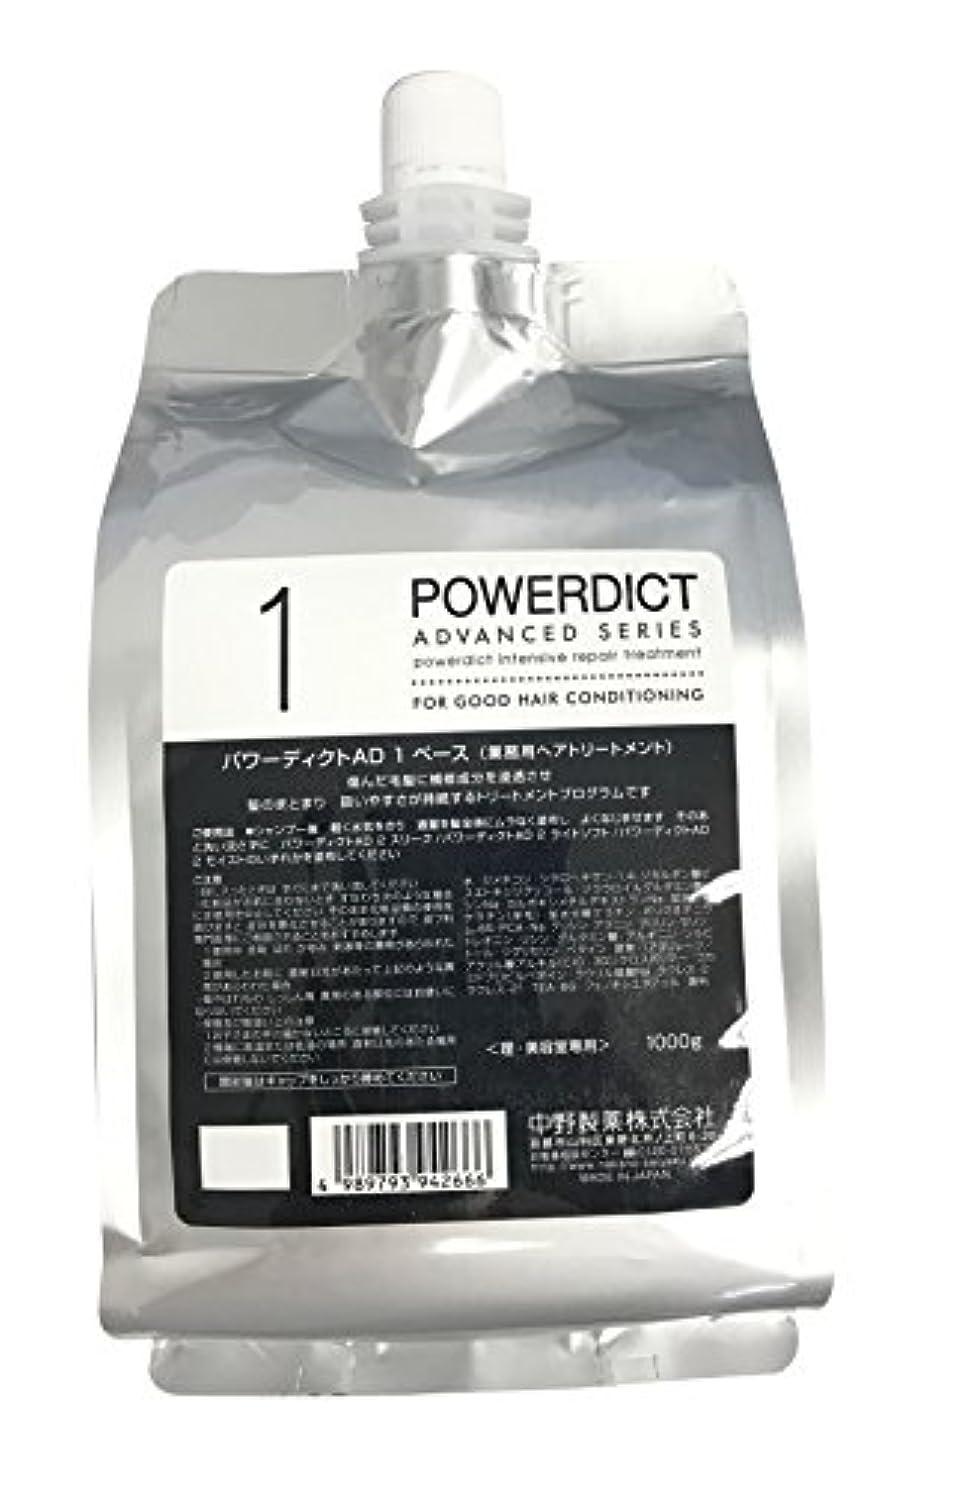 ティーンエイジャーの配列セラー中野製薬 パワーディクト AD1 ベース 1000g